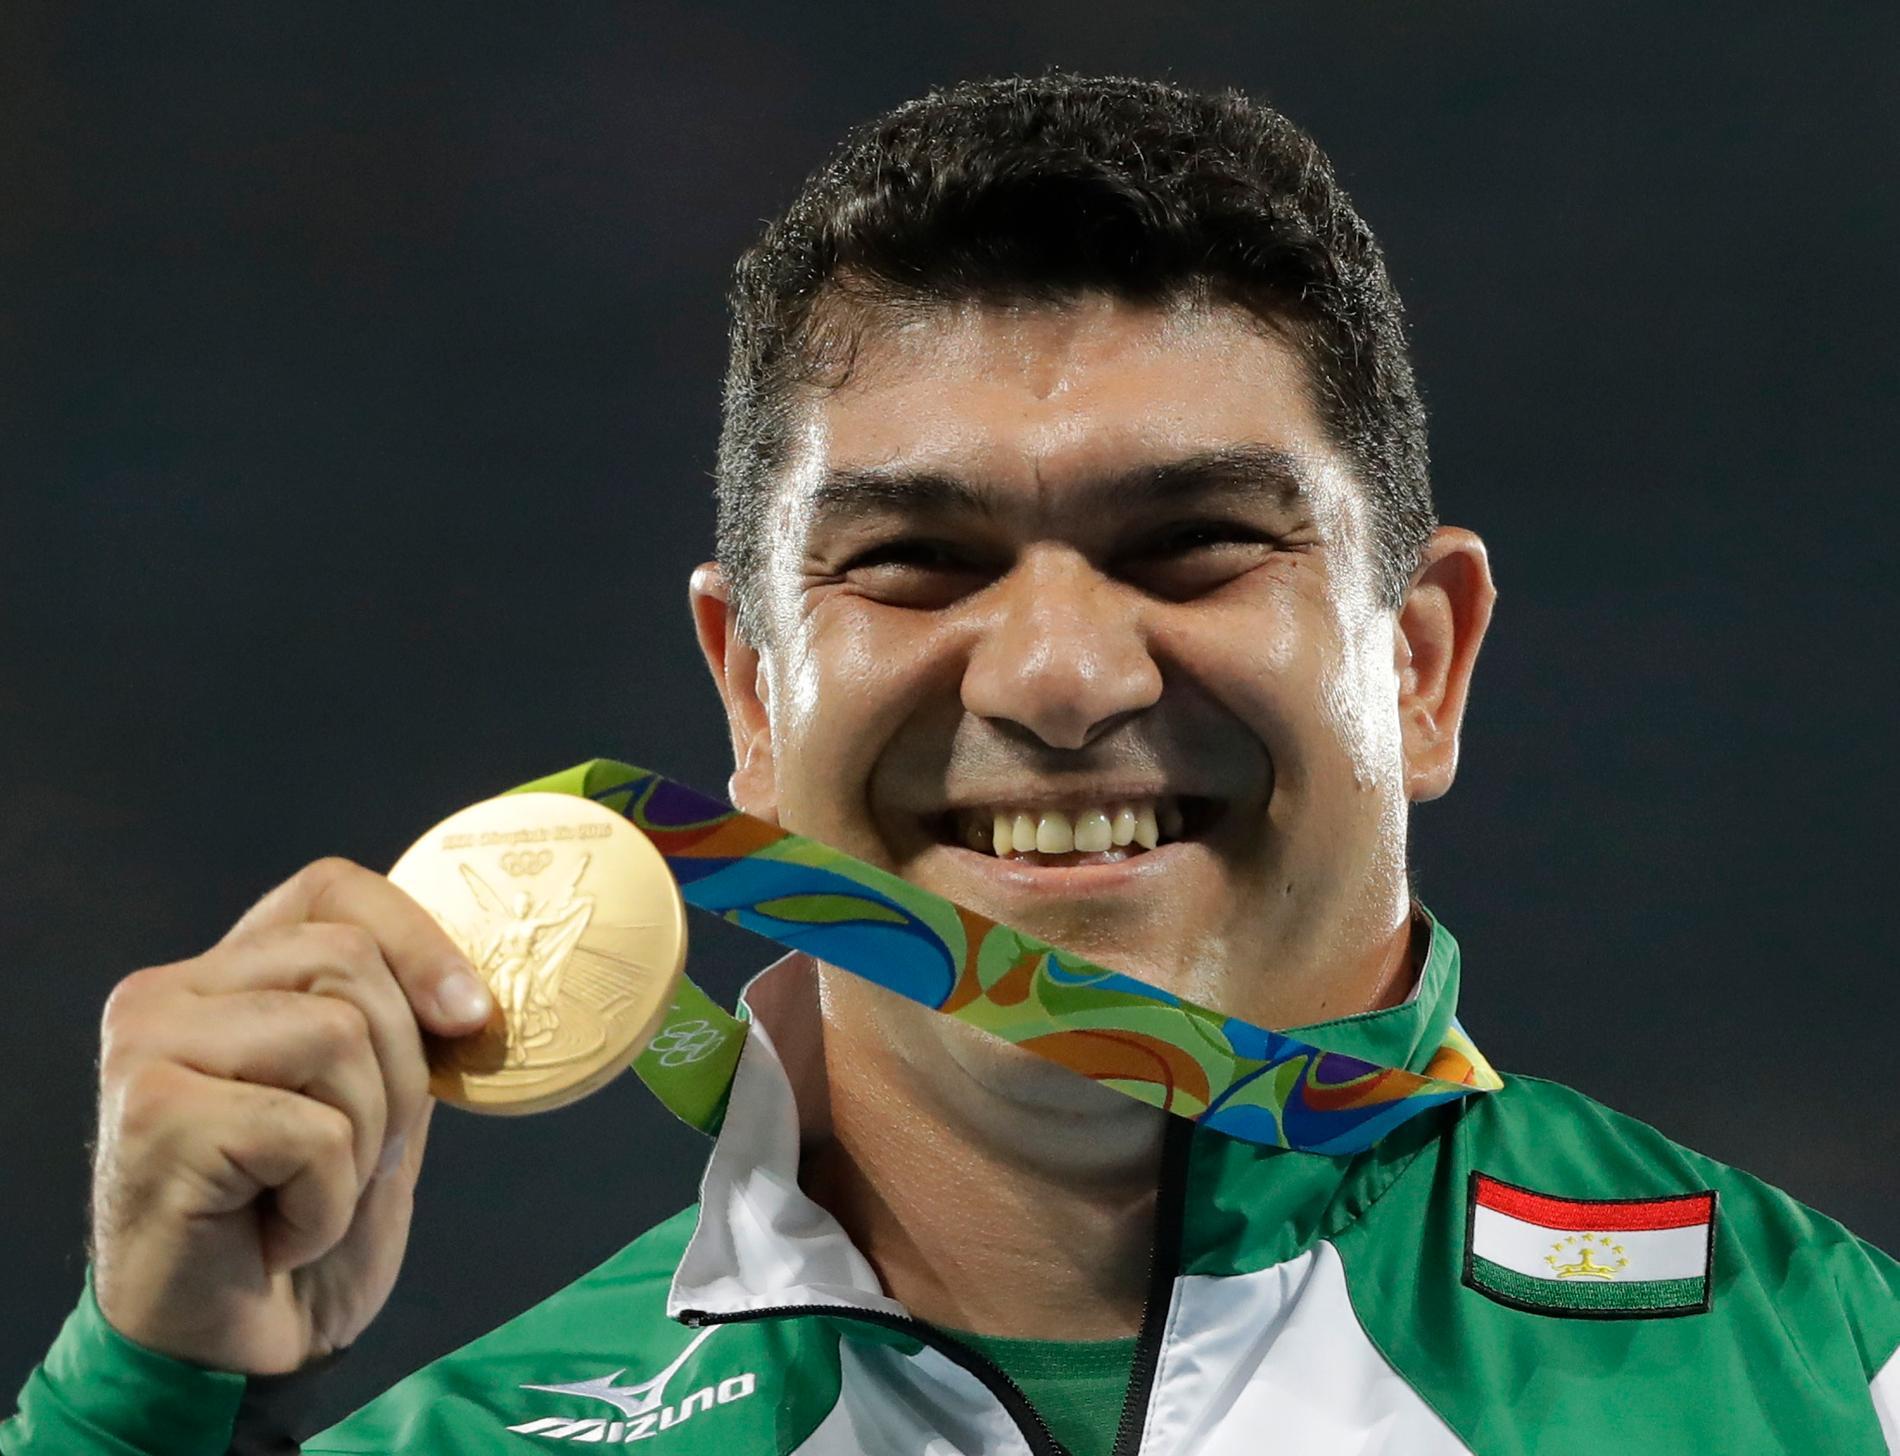 Tadzjikistans Dilsjod Nazarov tog OS-guld i Rio 2016. Nu har han stängts av för dopning. Arkivbild.